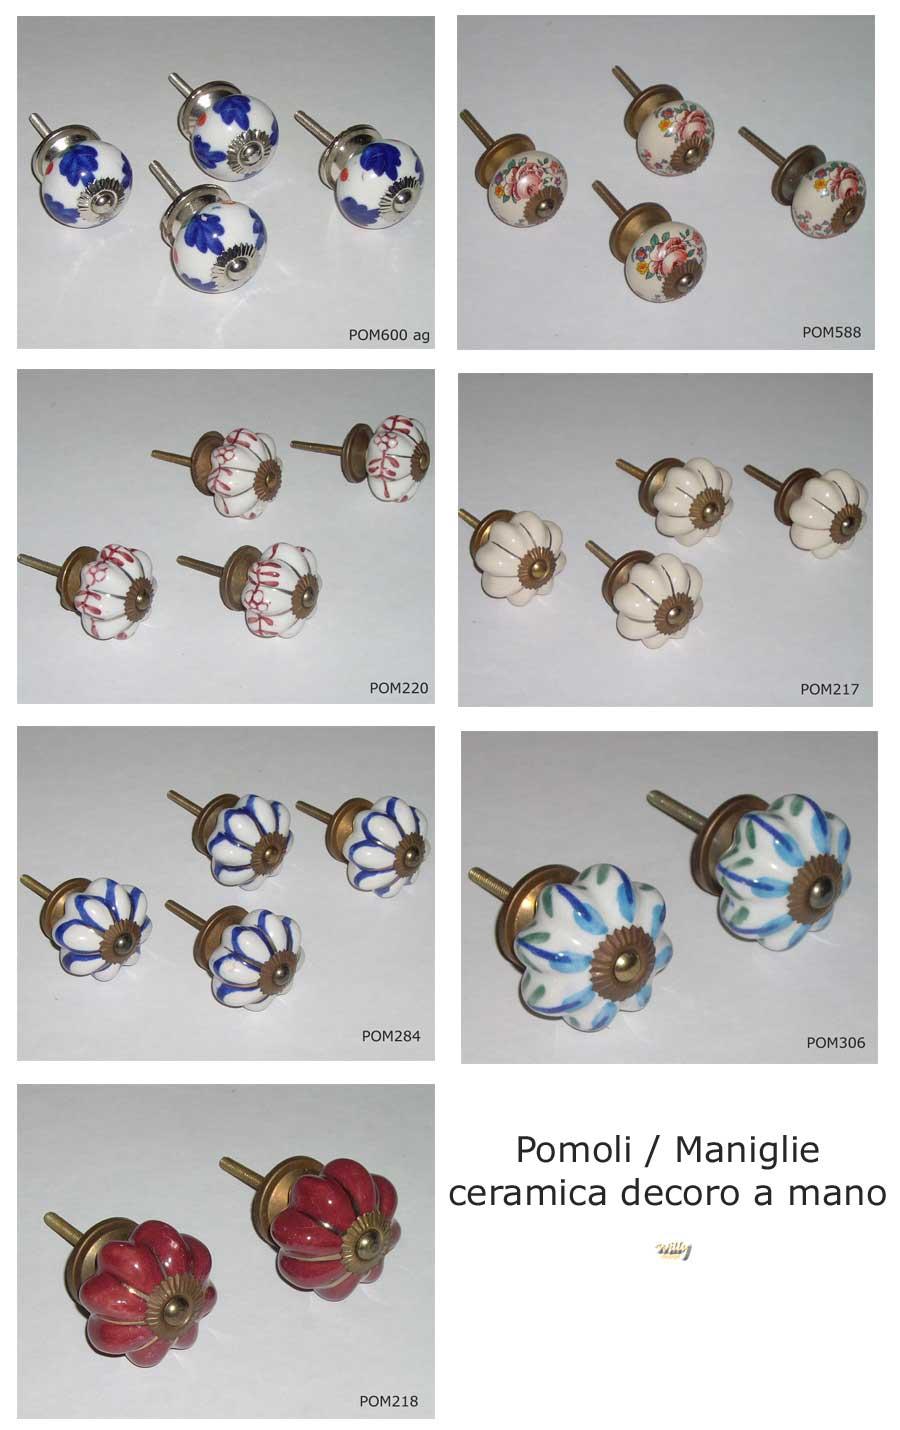 Pomelli ceramica tutte le offerte cascare a fagiolo - Pomelli ceramica per cucina ...